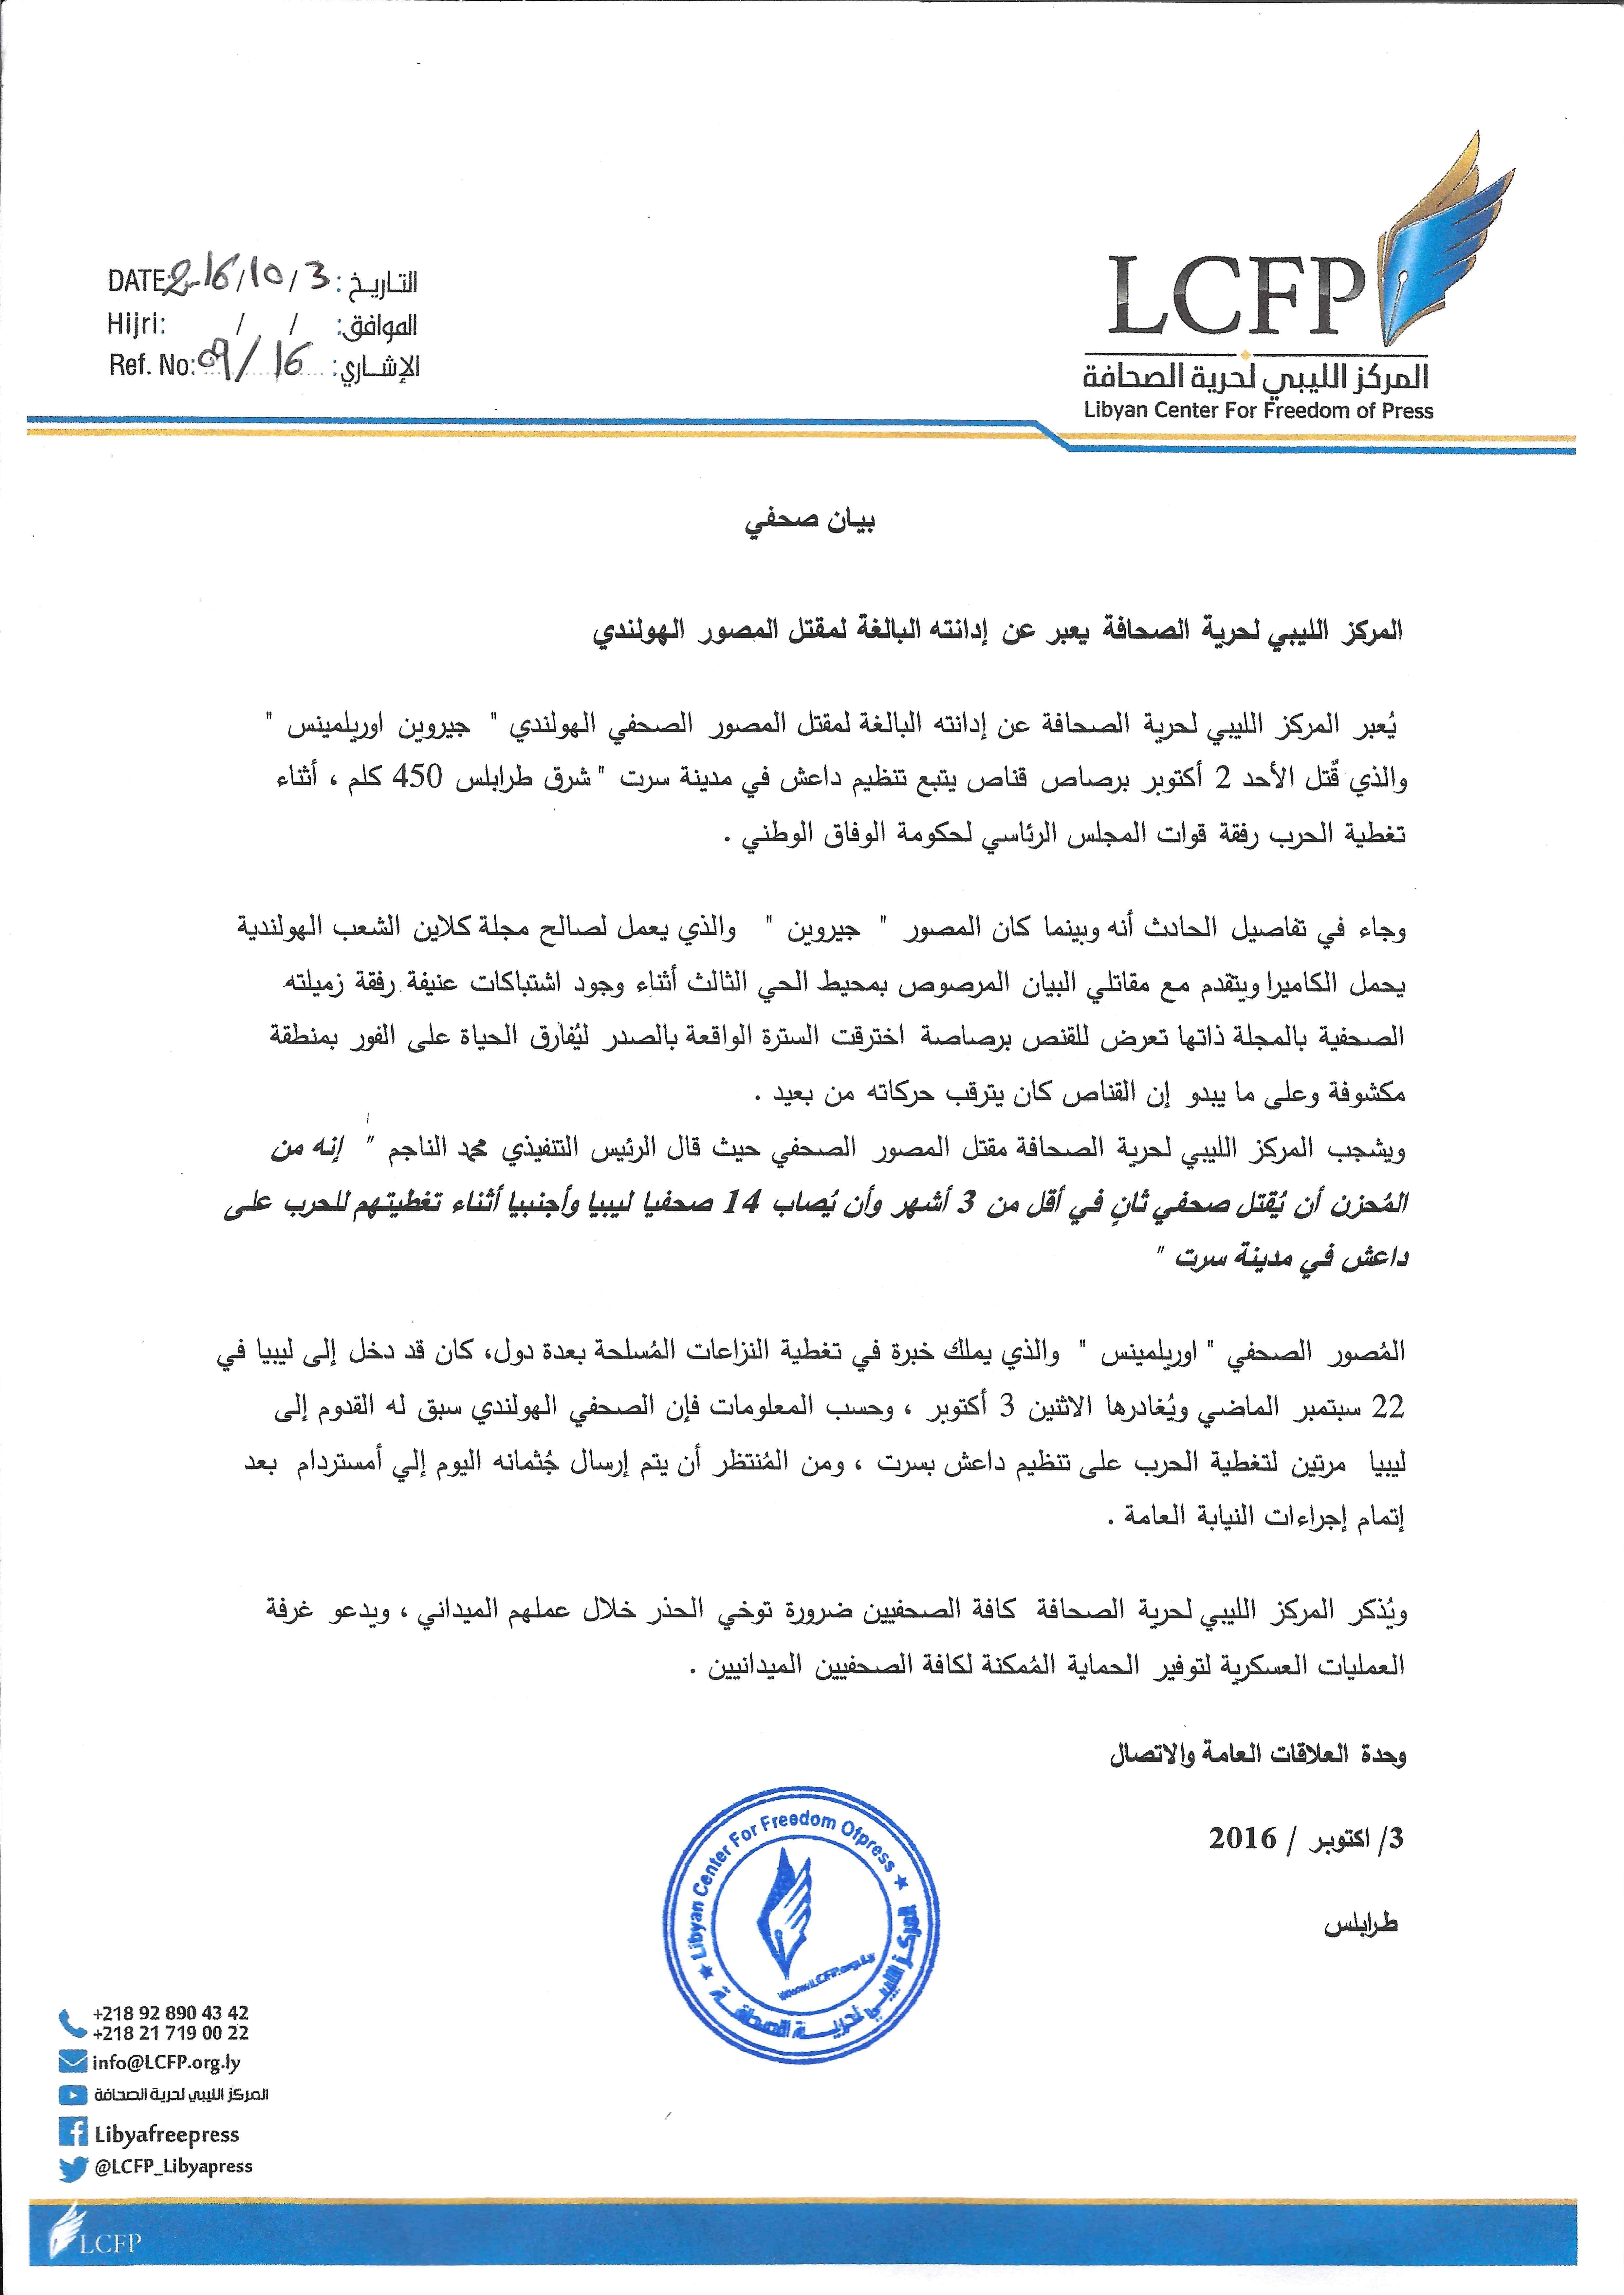 الليبي لحرية الصحافة يعبر عن إدانته البالغة لمقتل المصور الهولندي